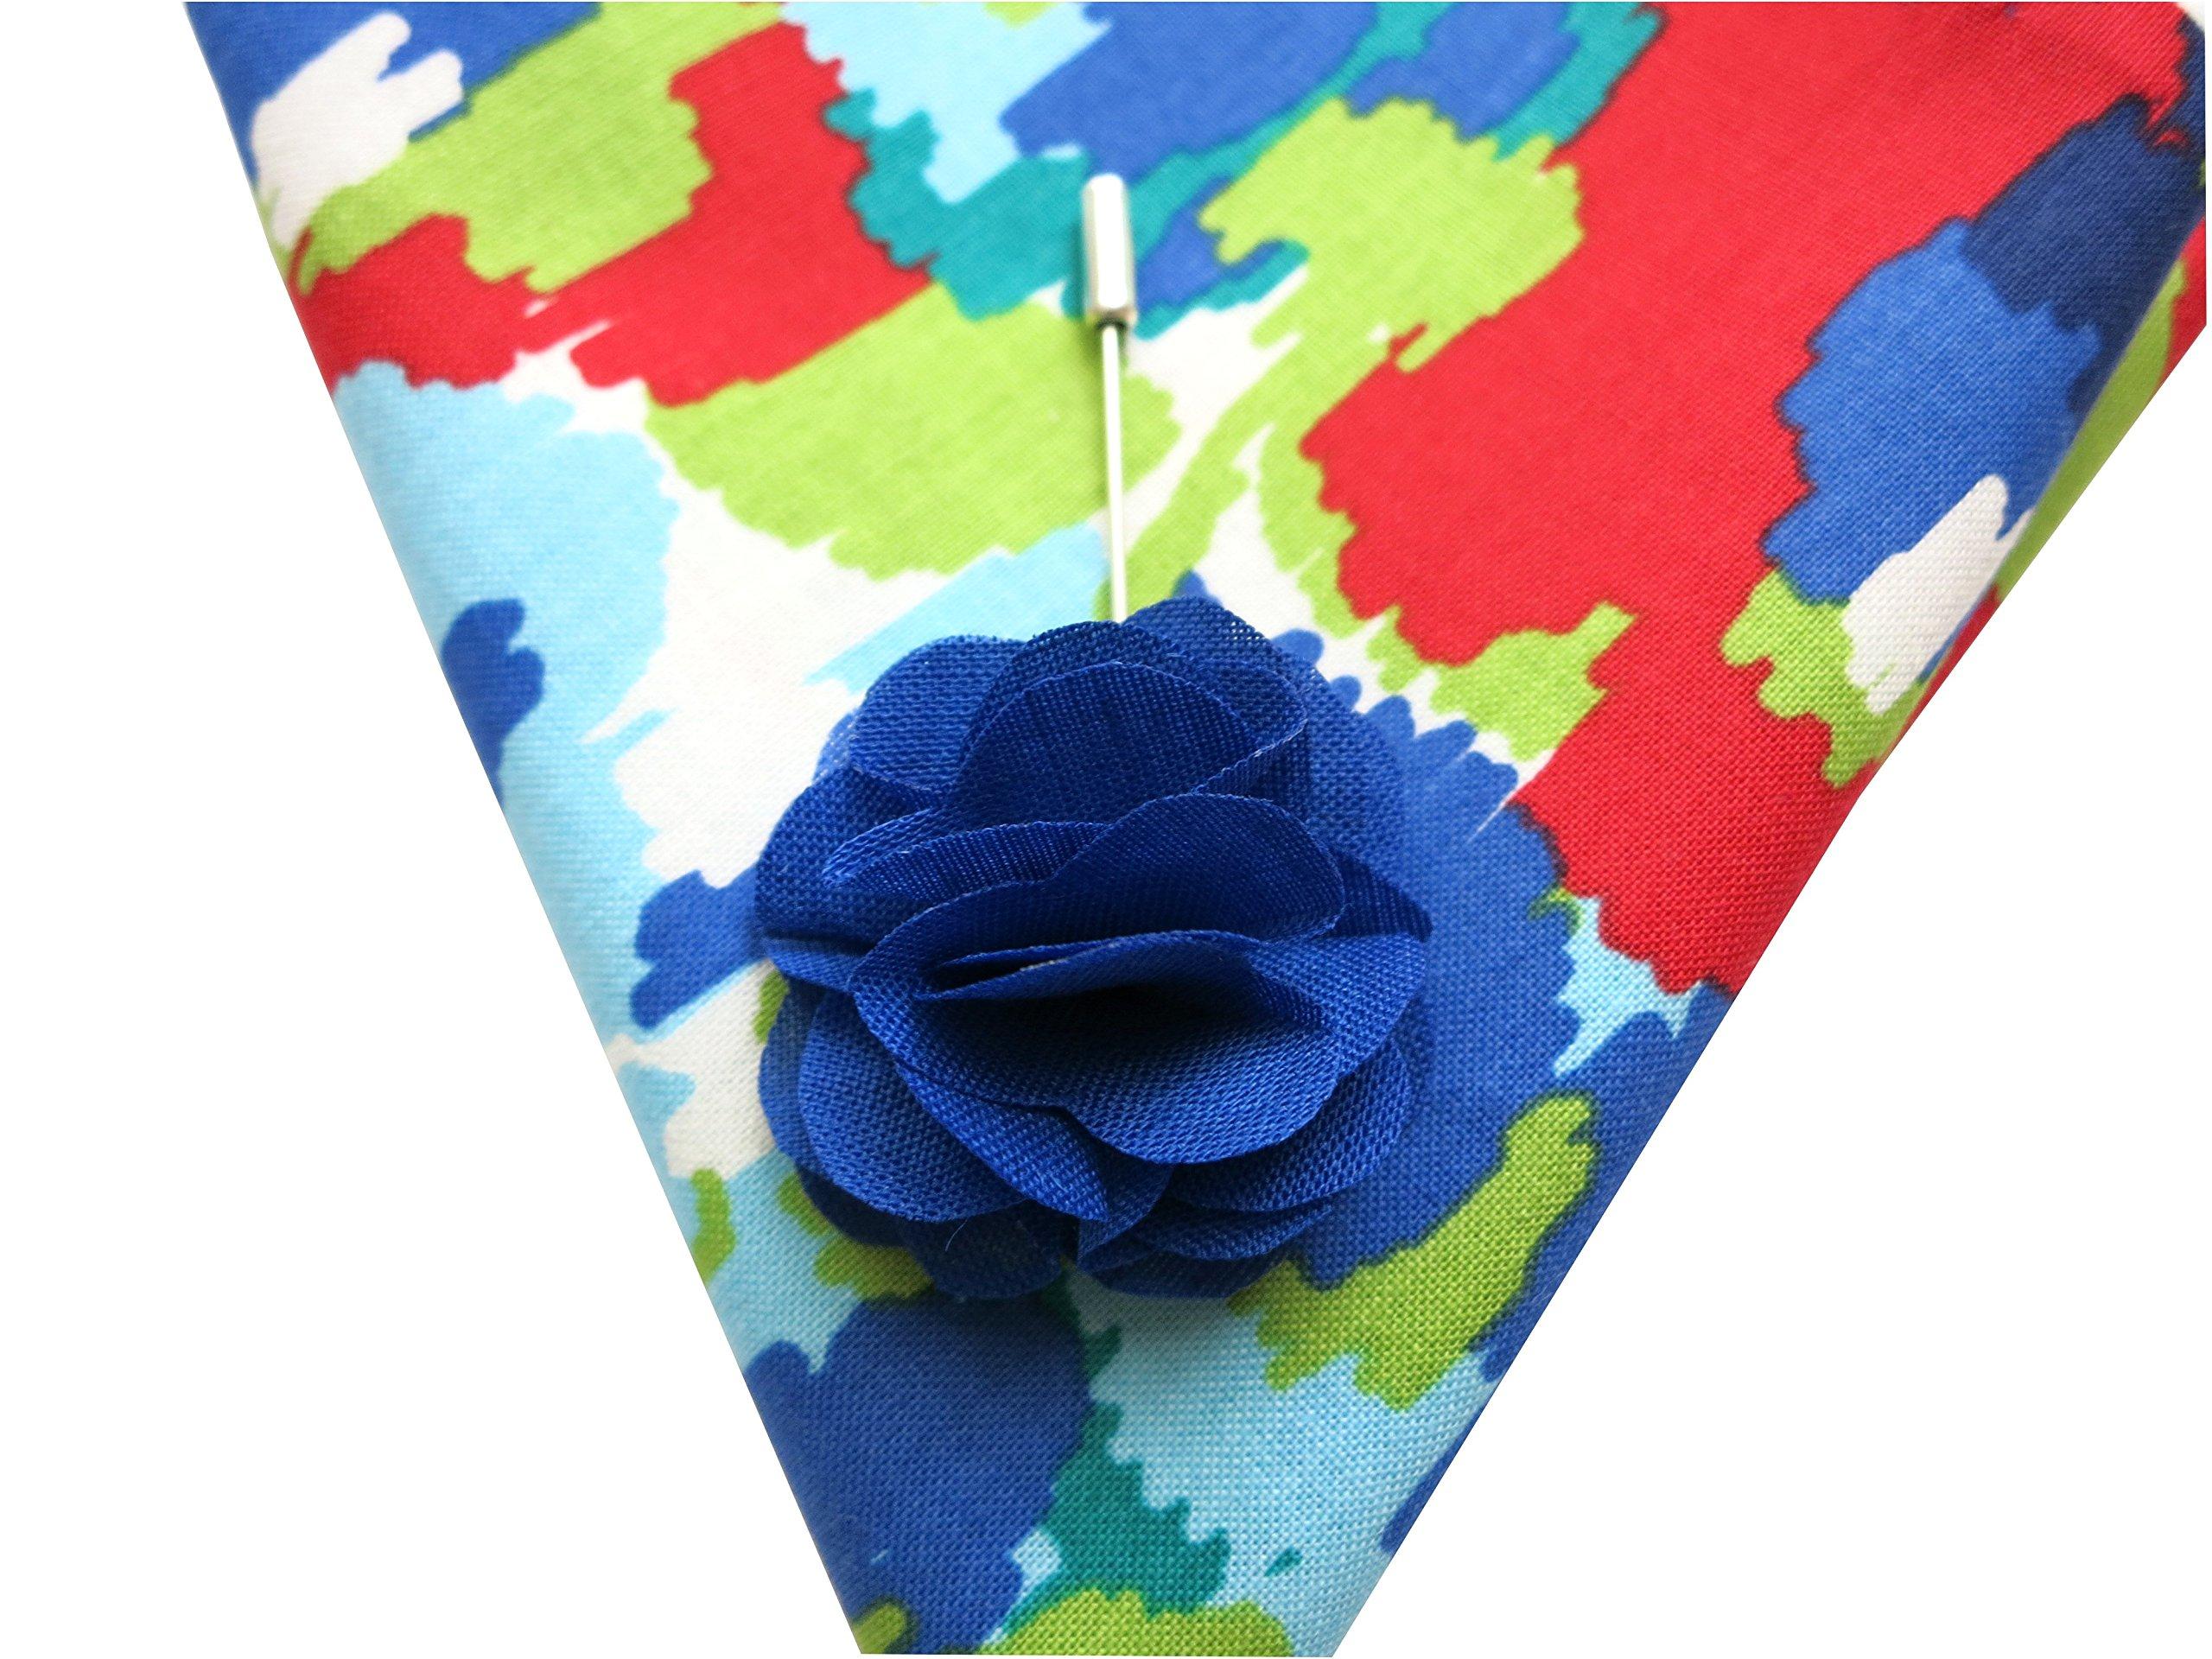 Hand Stitched Hem Cotton Pocket Square KL Paint + Lapel Flower Pin Set (Blue flower)